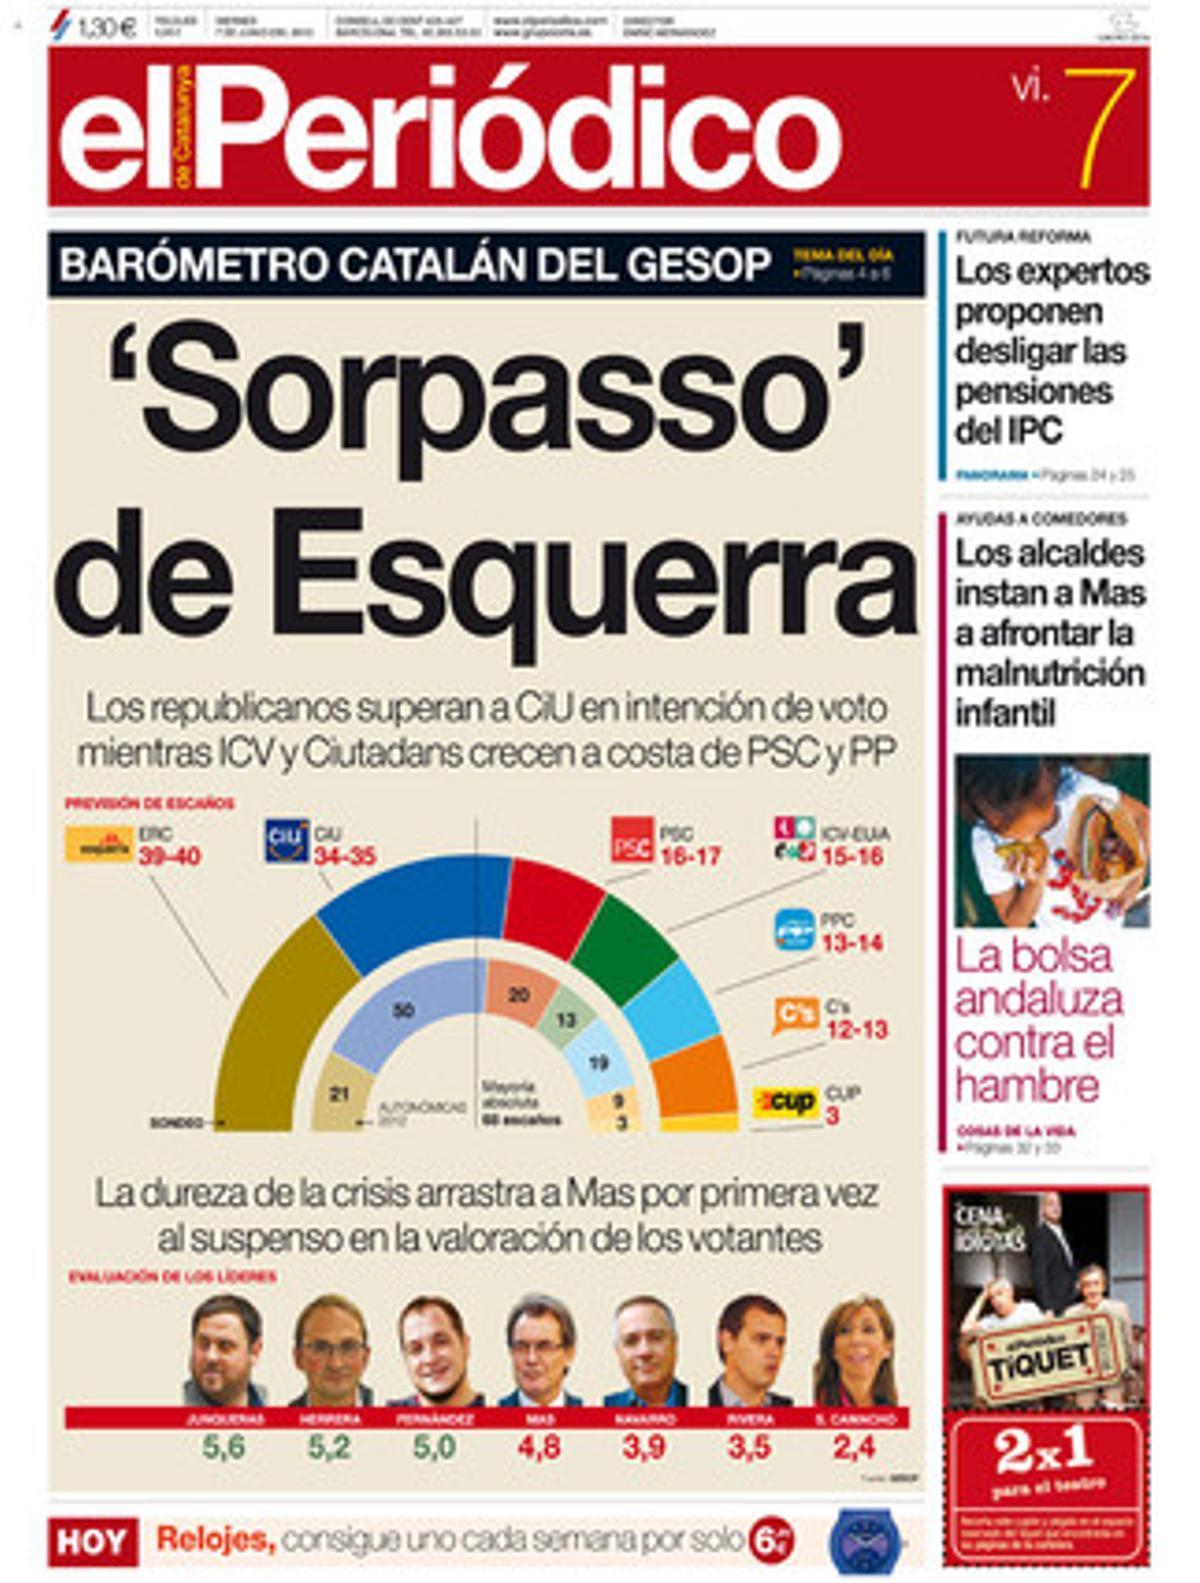 La portada de EL PERIÓDICO (7-6-2013).